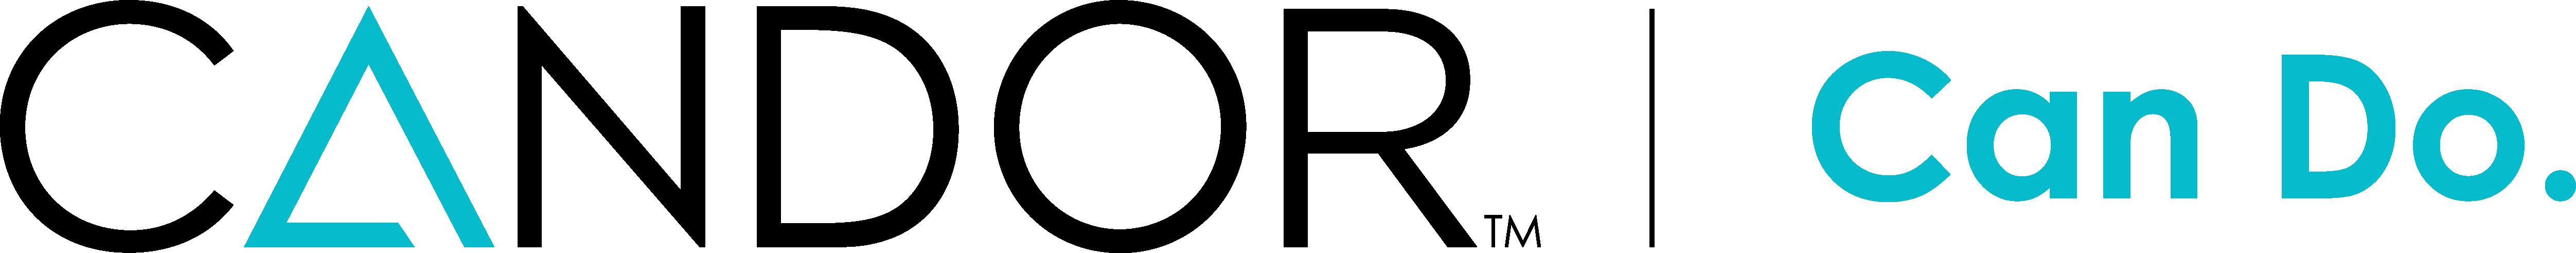 Candor_logo_Color_Horizontal tm